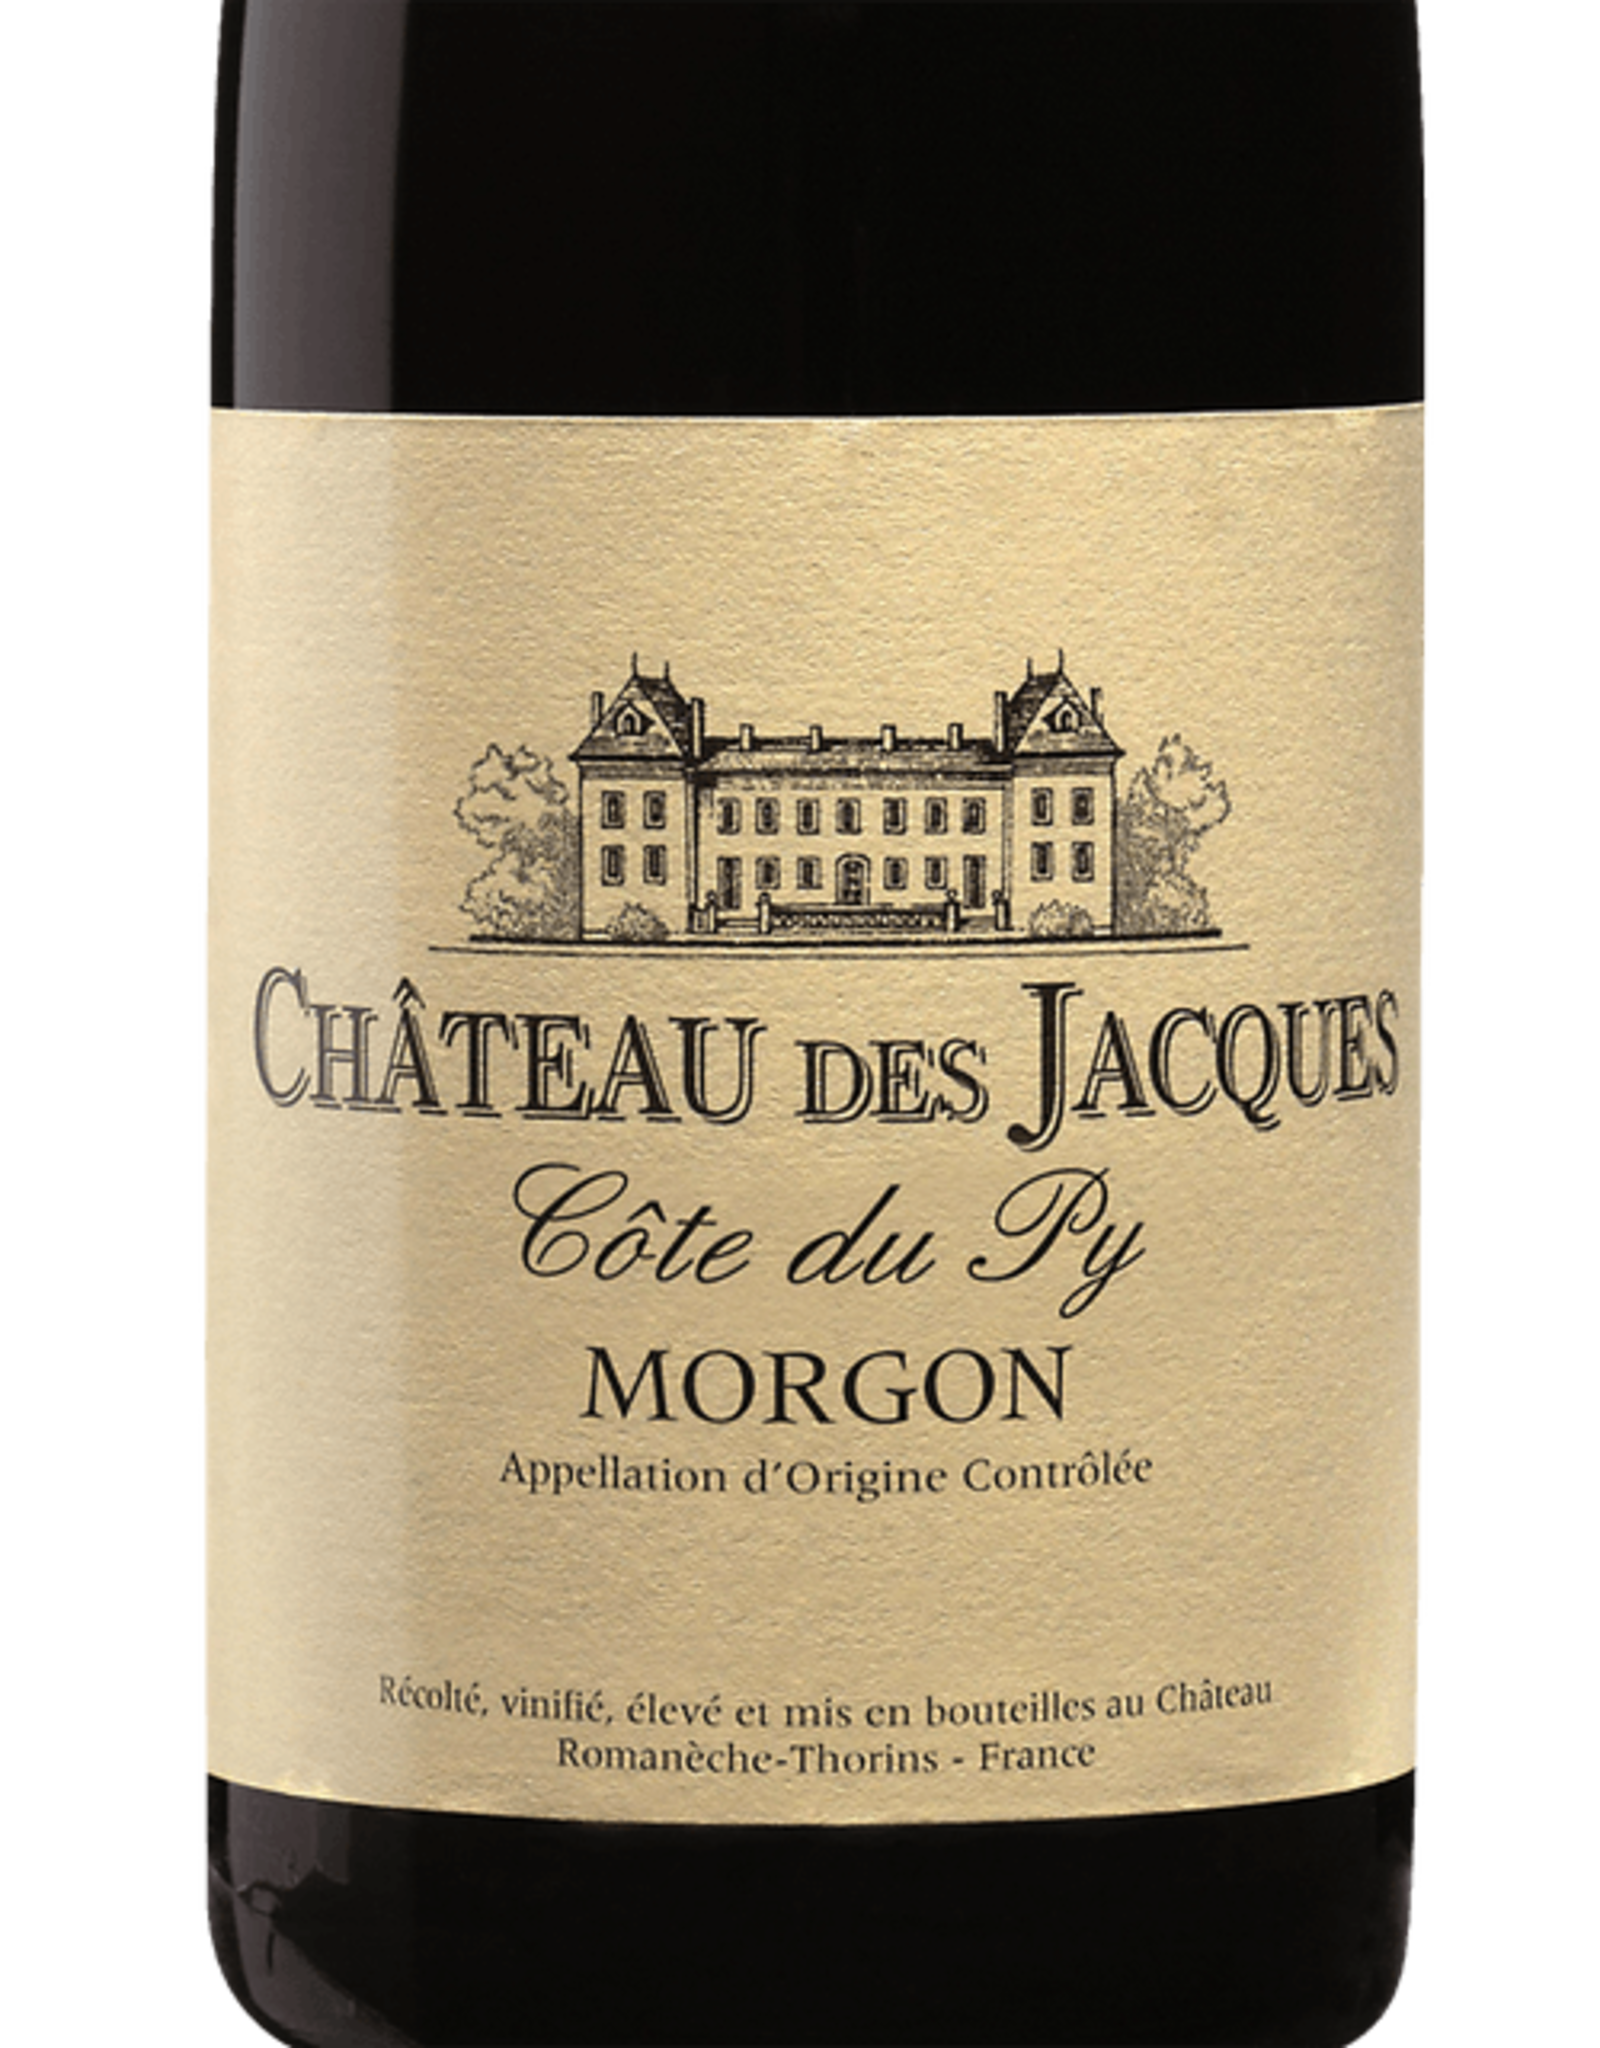 Chateau des Jacques Côte du Py 2017